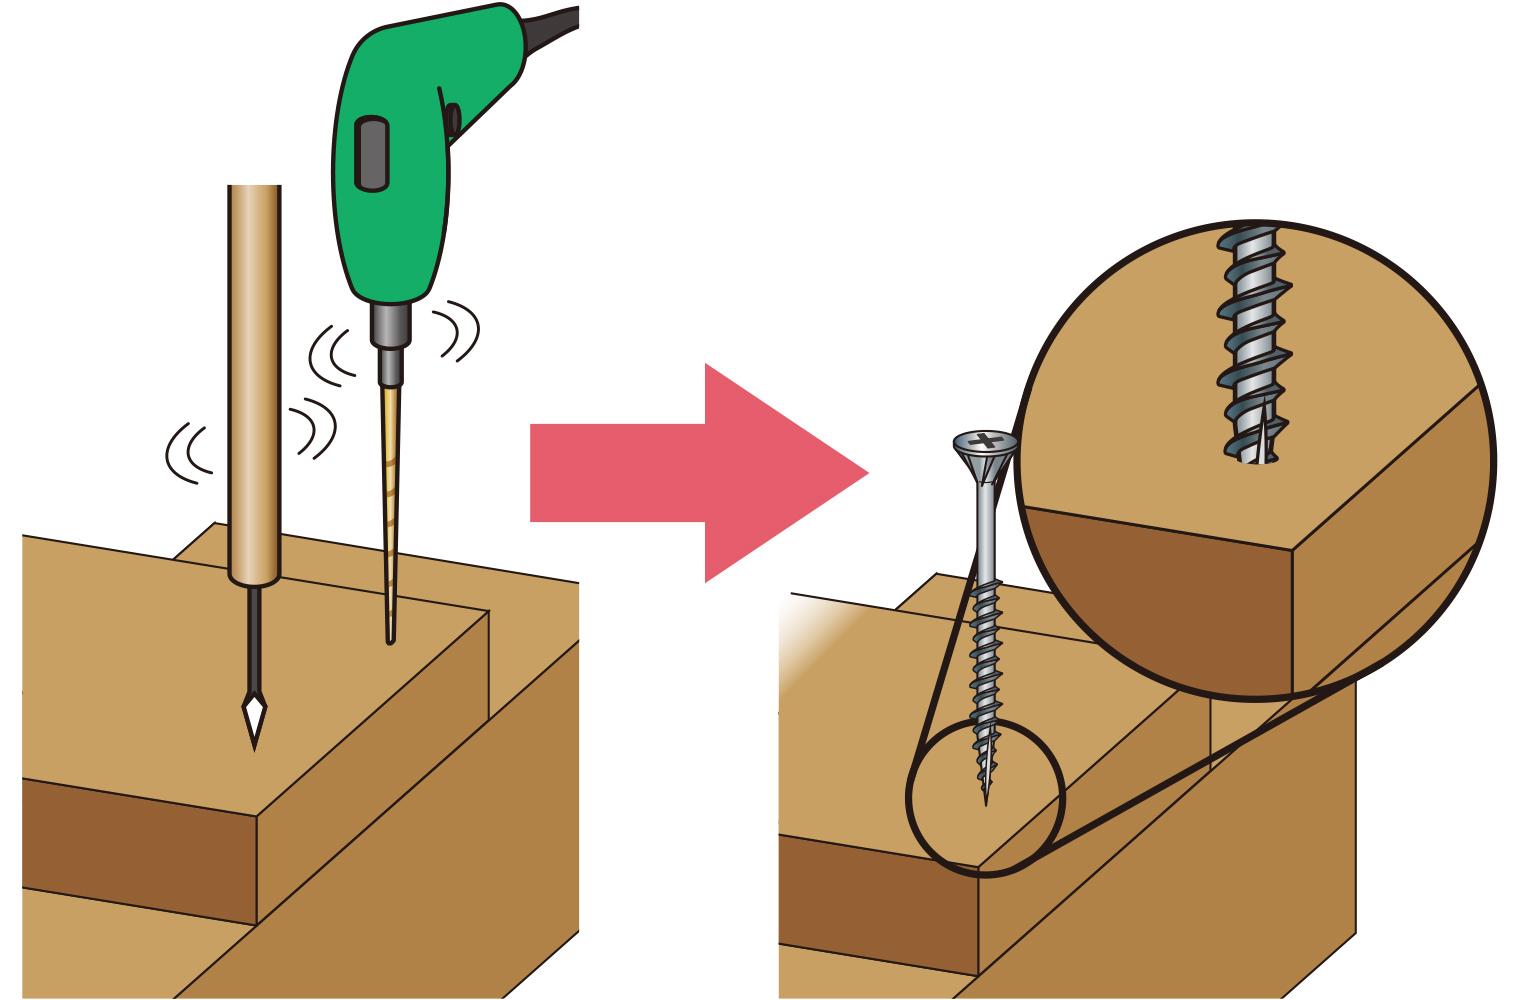 特殊な先端形状のねじを使うことで、下穴を空けながらねじを打ち込むといった作用が得られるため、通常のねじと比べ格段に木割れしにくくなる